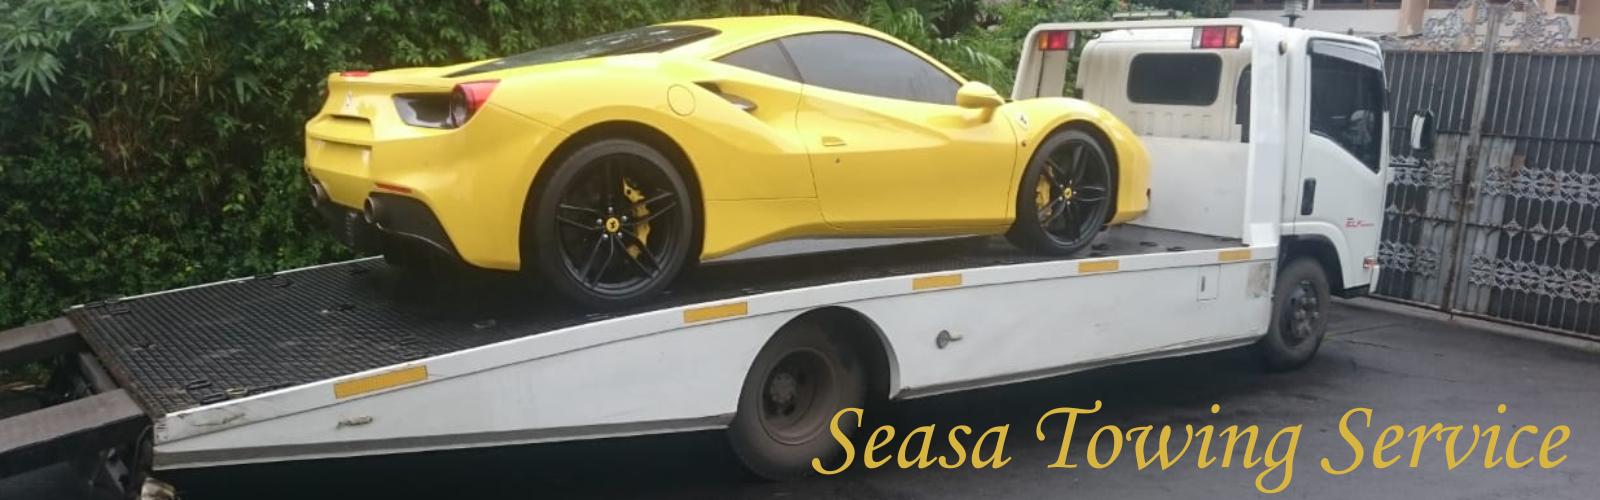 Seasa Towing